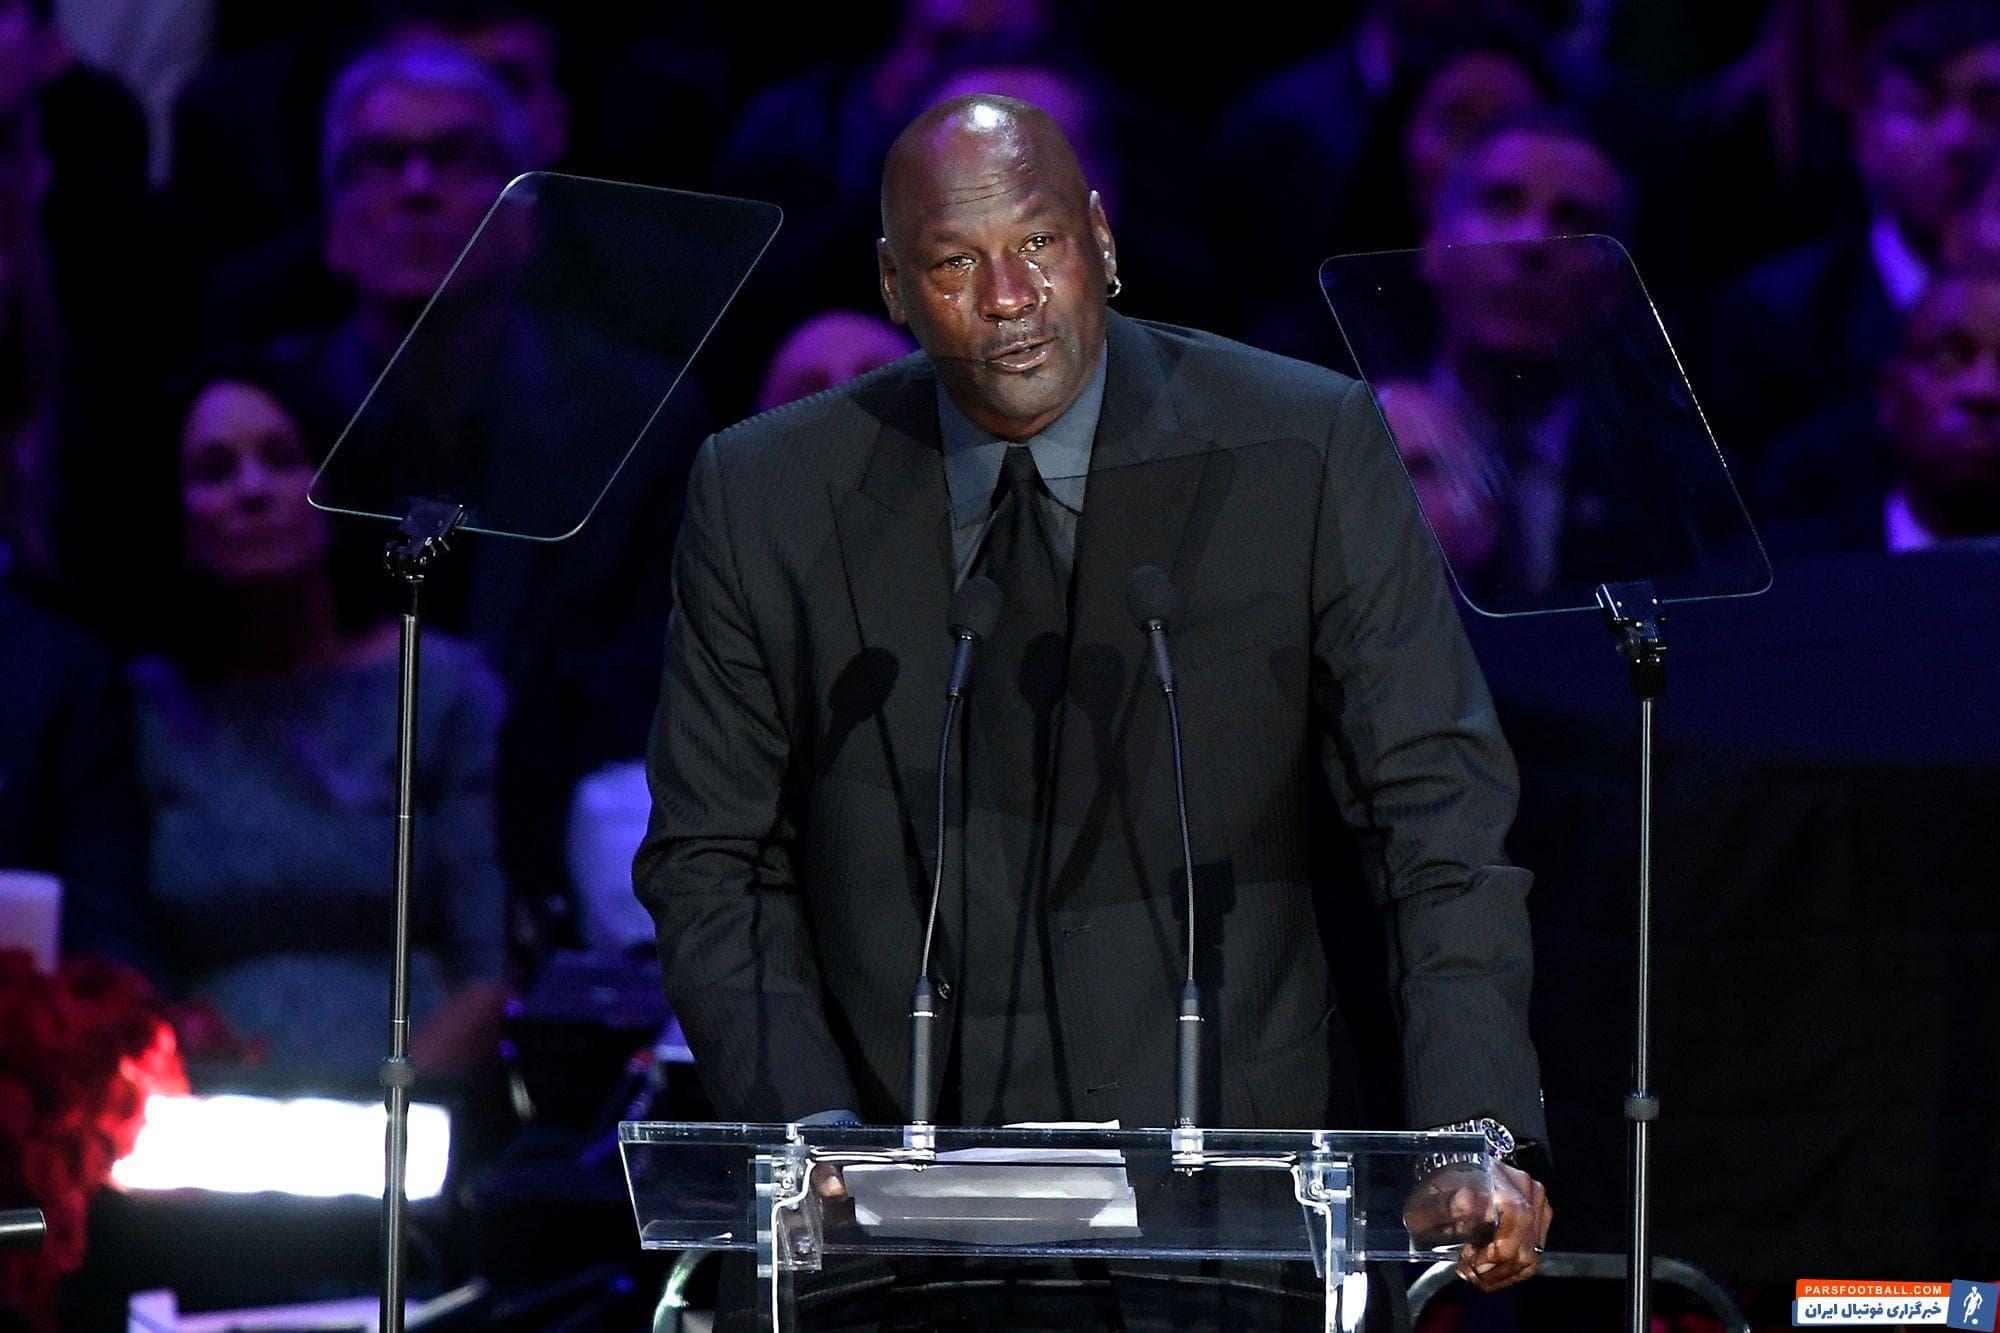 مراسم یادبود کوبی برایانت در استپلز، خانه لس آنجلس لیکرز برگزار شد، تیمی که برایان بخش زیادی از کل دوران 20 سال فعالیت خود در NBA را آنجا سپری کرد.